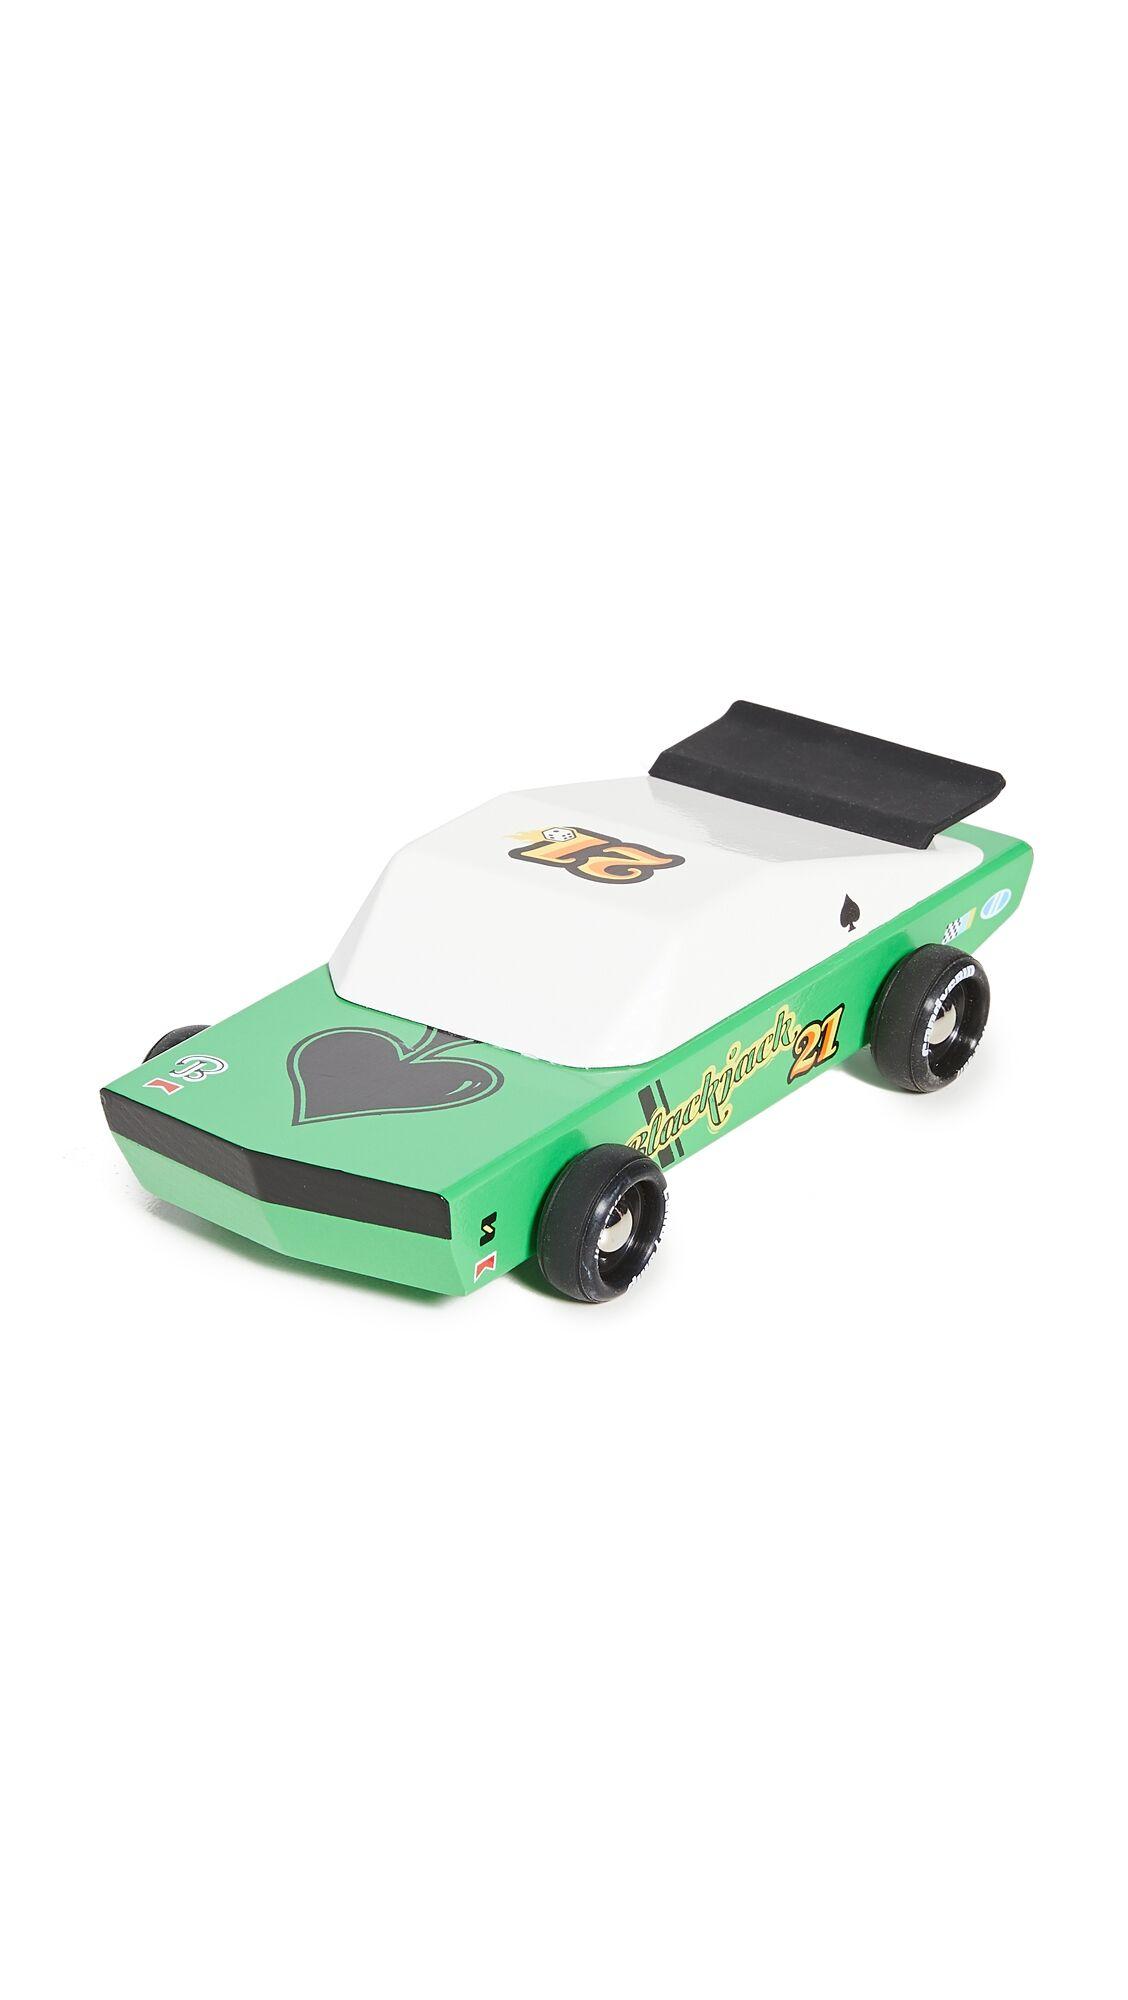 Candylab Toys Blackjack Vintage Race Car - Size: Male